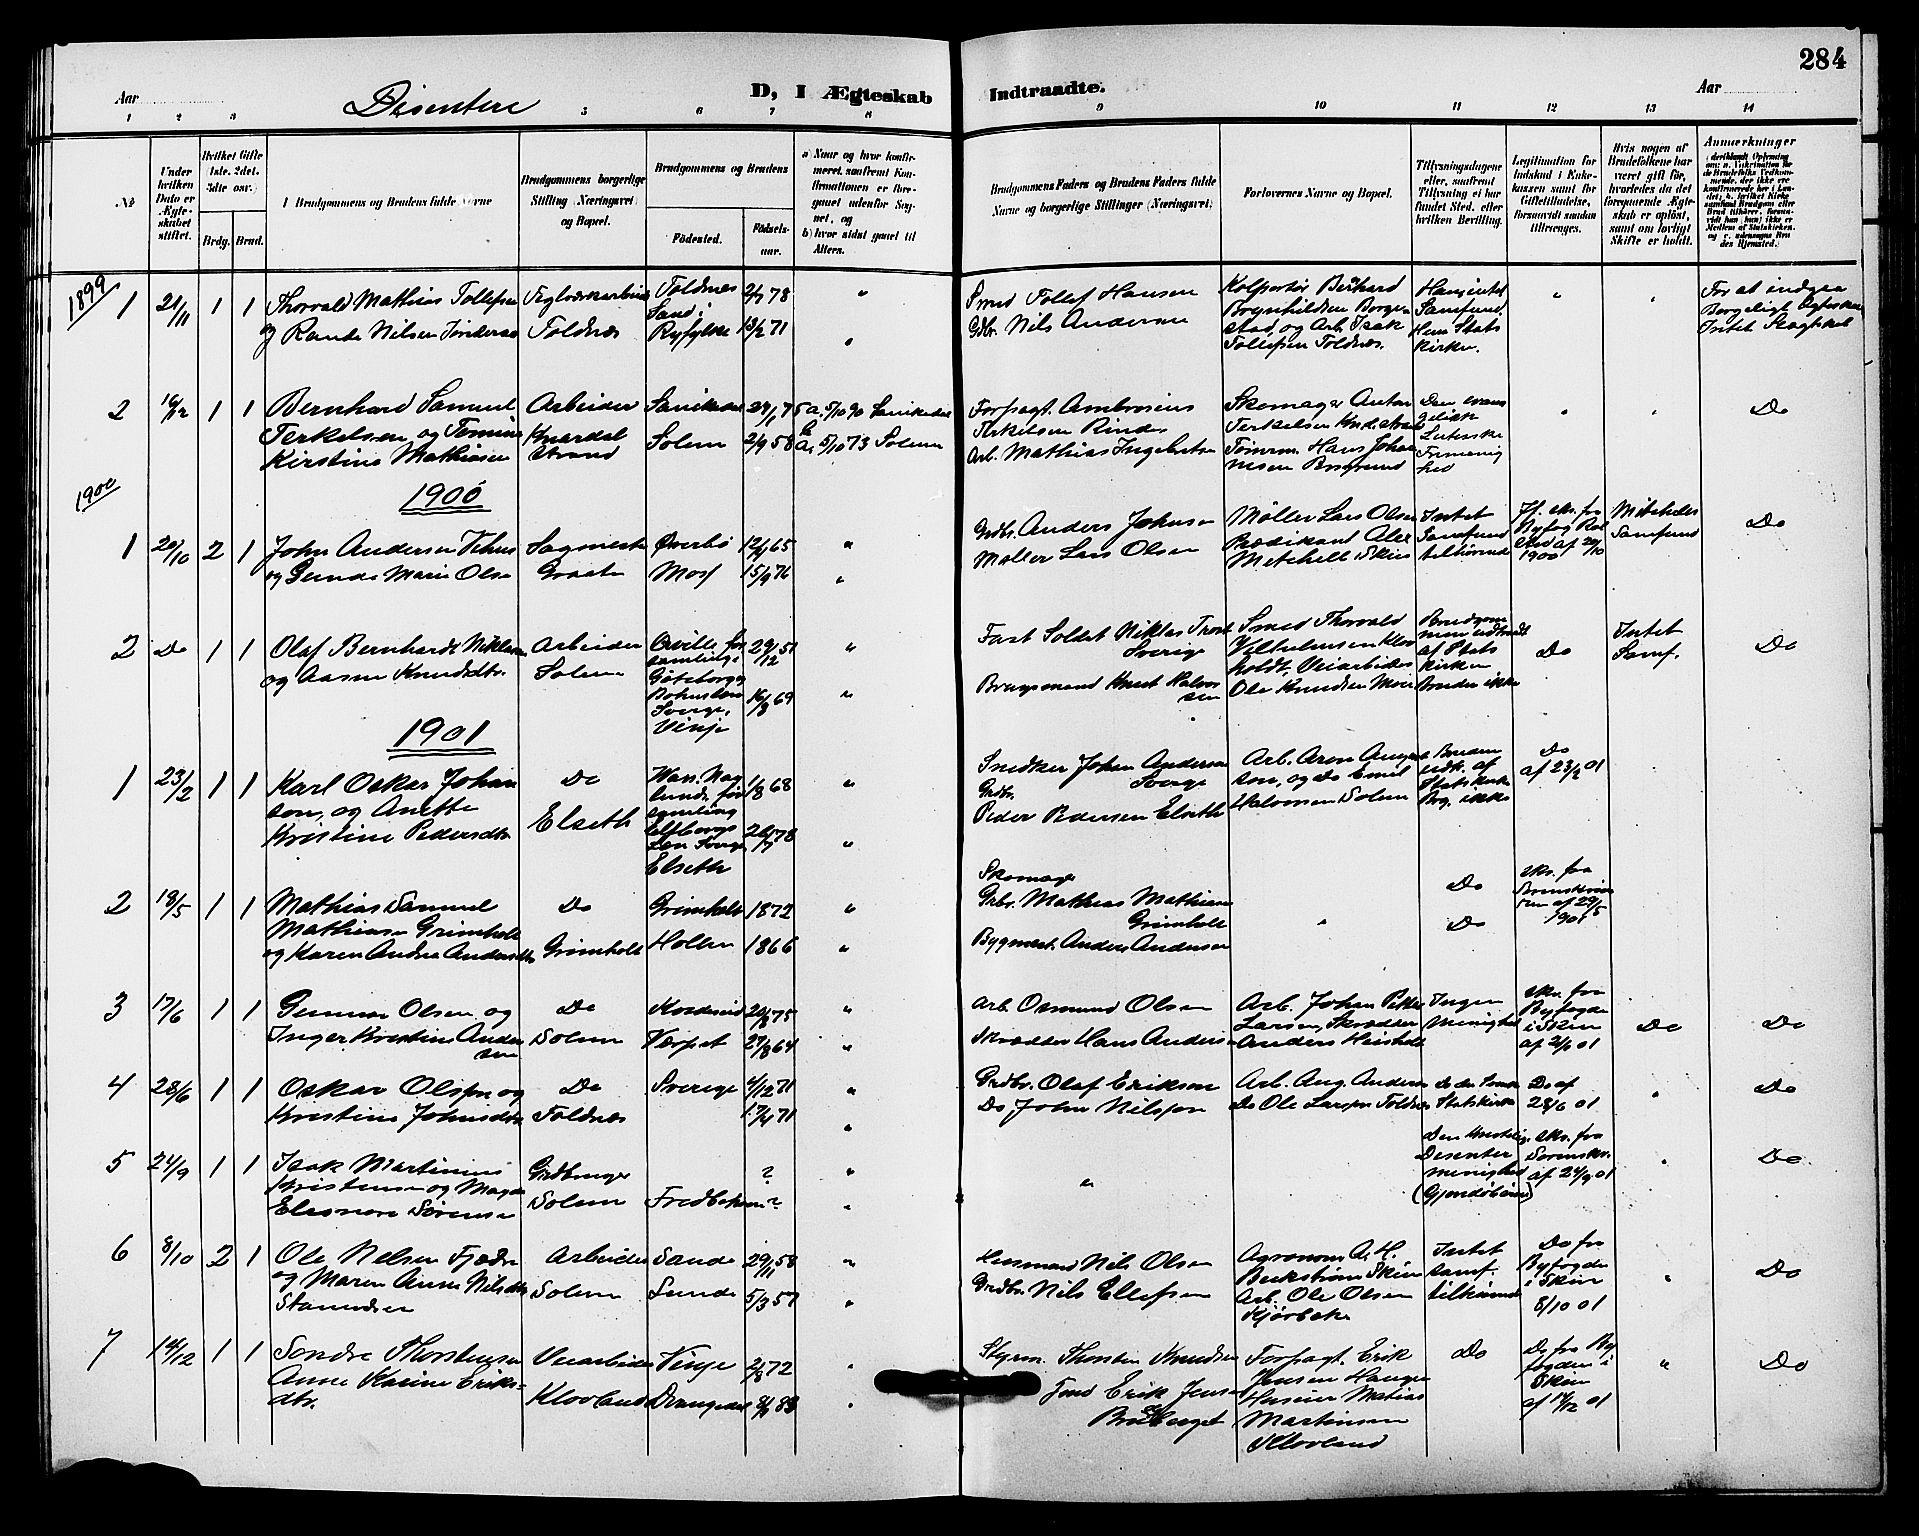 SAKO, Solum kirkebøker, G/Ga/L0008: Klokkerbok nr. I 8, 1898-1909, s. 284